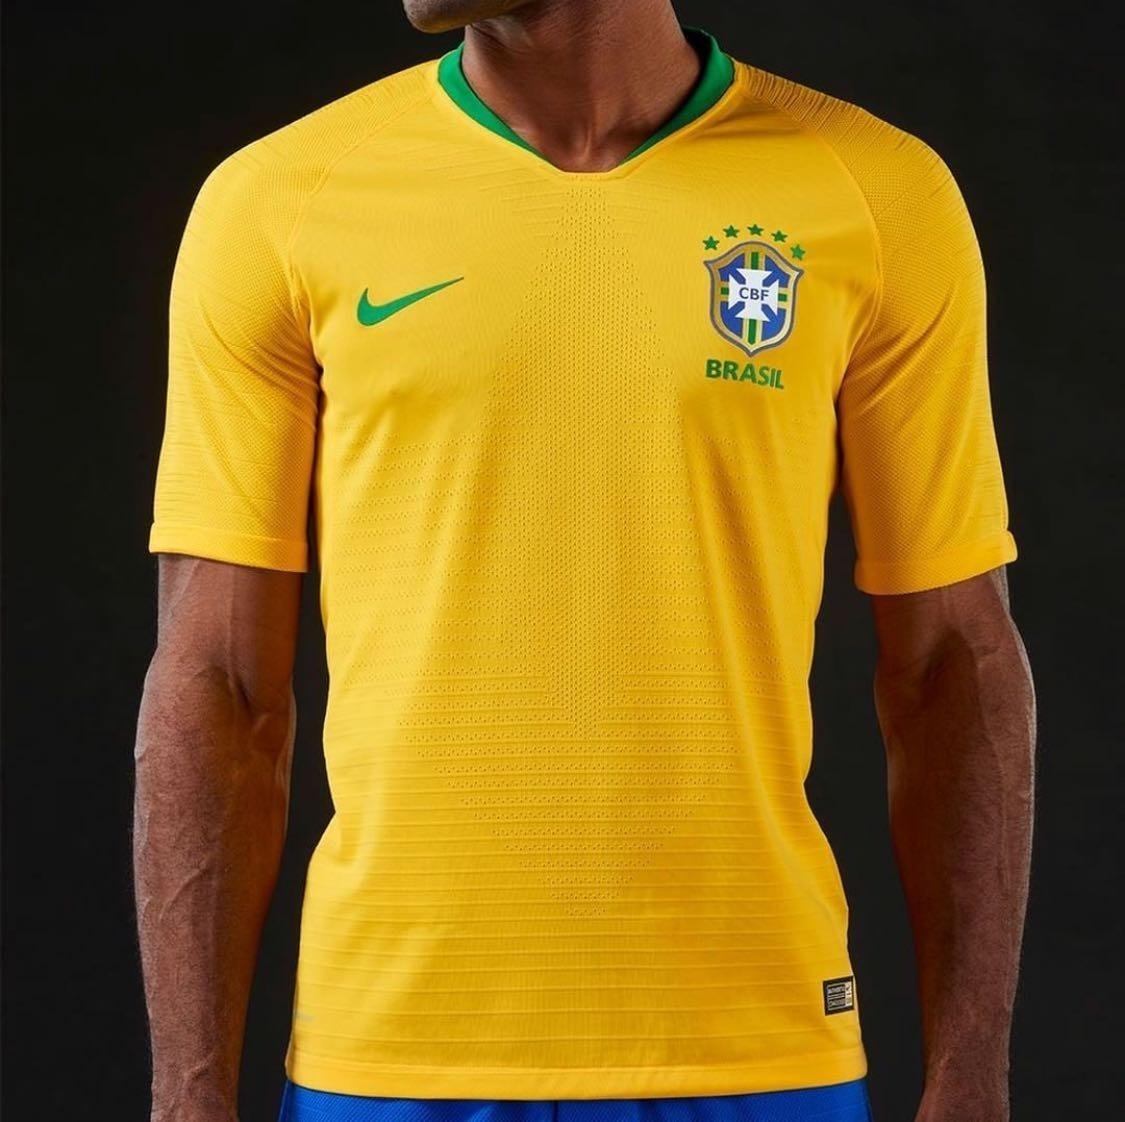 6dda69c7e21e1 camiseta oficial nike seleção brasileira 2018 original. Carregando zoom.